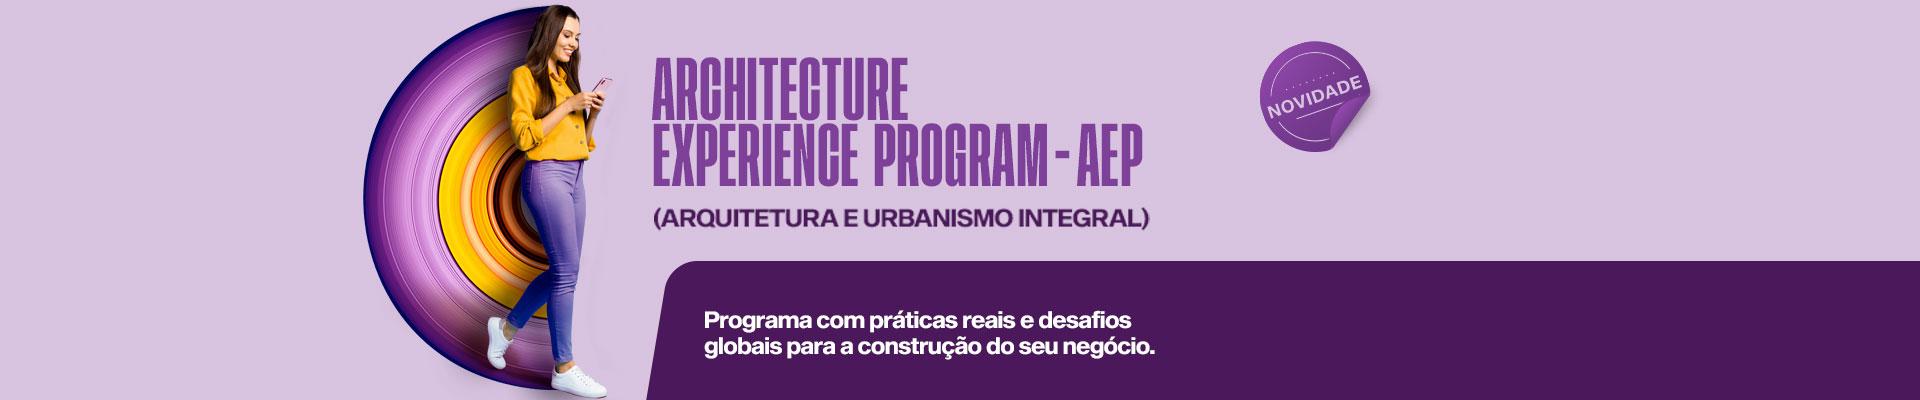 Saiba mais sobre o curso  Arquitetura e Urbanismo Integral - AEP